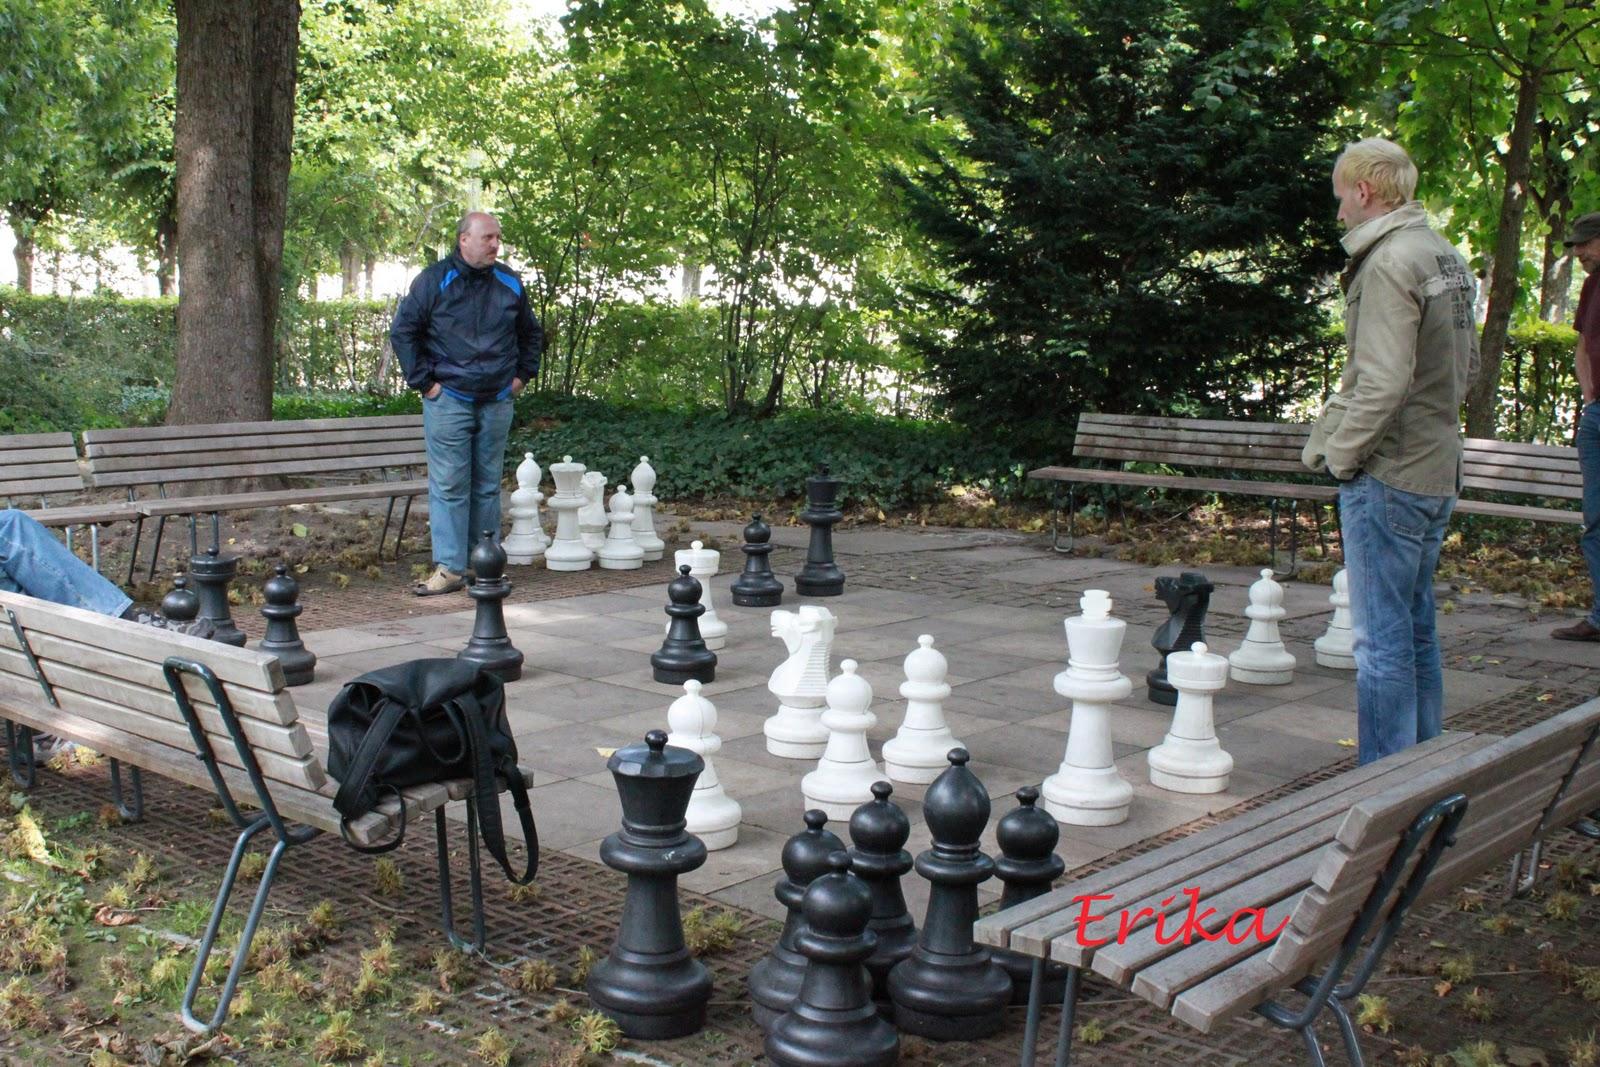 erikafotoviaggiando giocatori di scacchi nel giardino del castello di karlsruhe. Black Bedroom Furniture Sets. Home Design Ideas